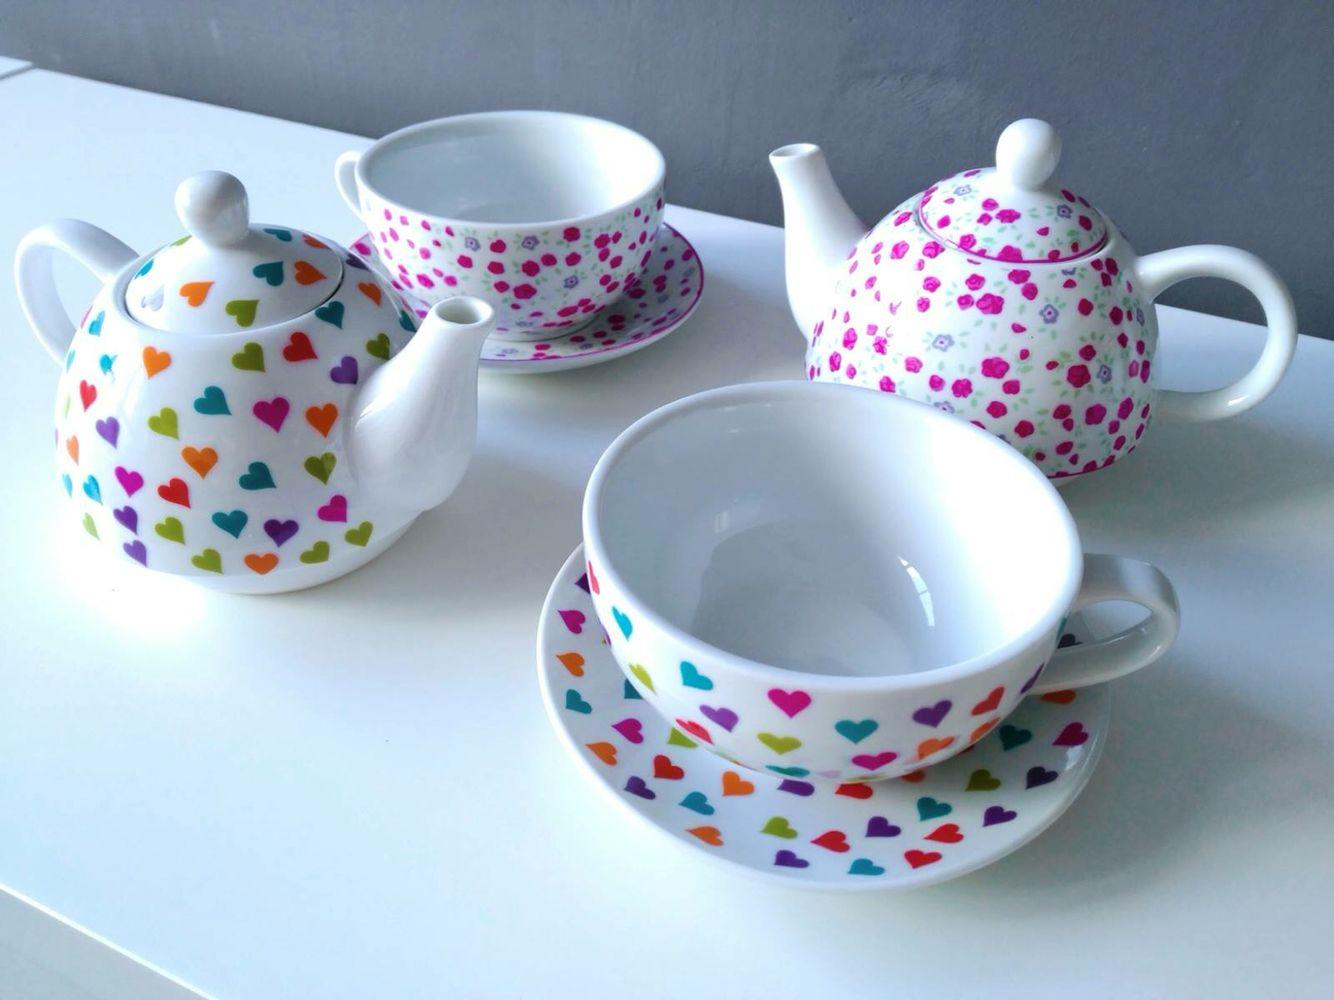 Tu momentazo de desayuno se merece unas bonitas tazas for Tazas para desayuno